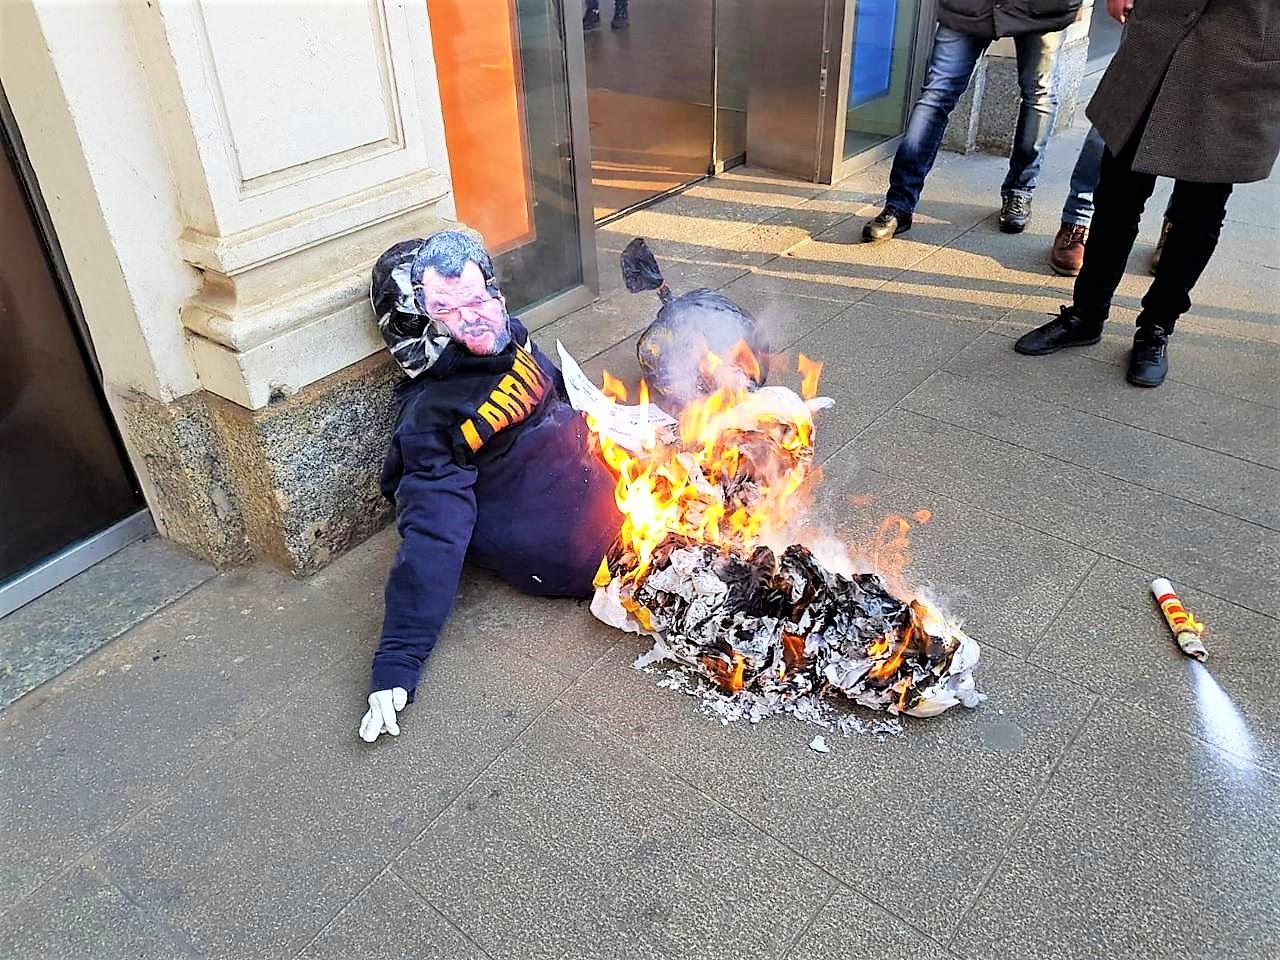 Corteo studenti a Milano, bruciato fantoccio di Salvini, recava la scritta